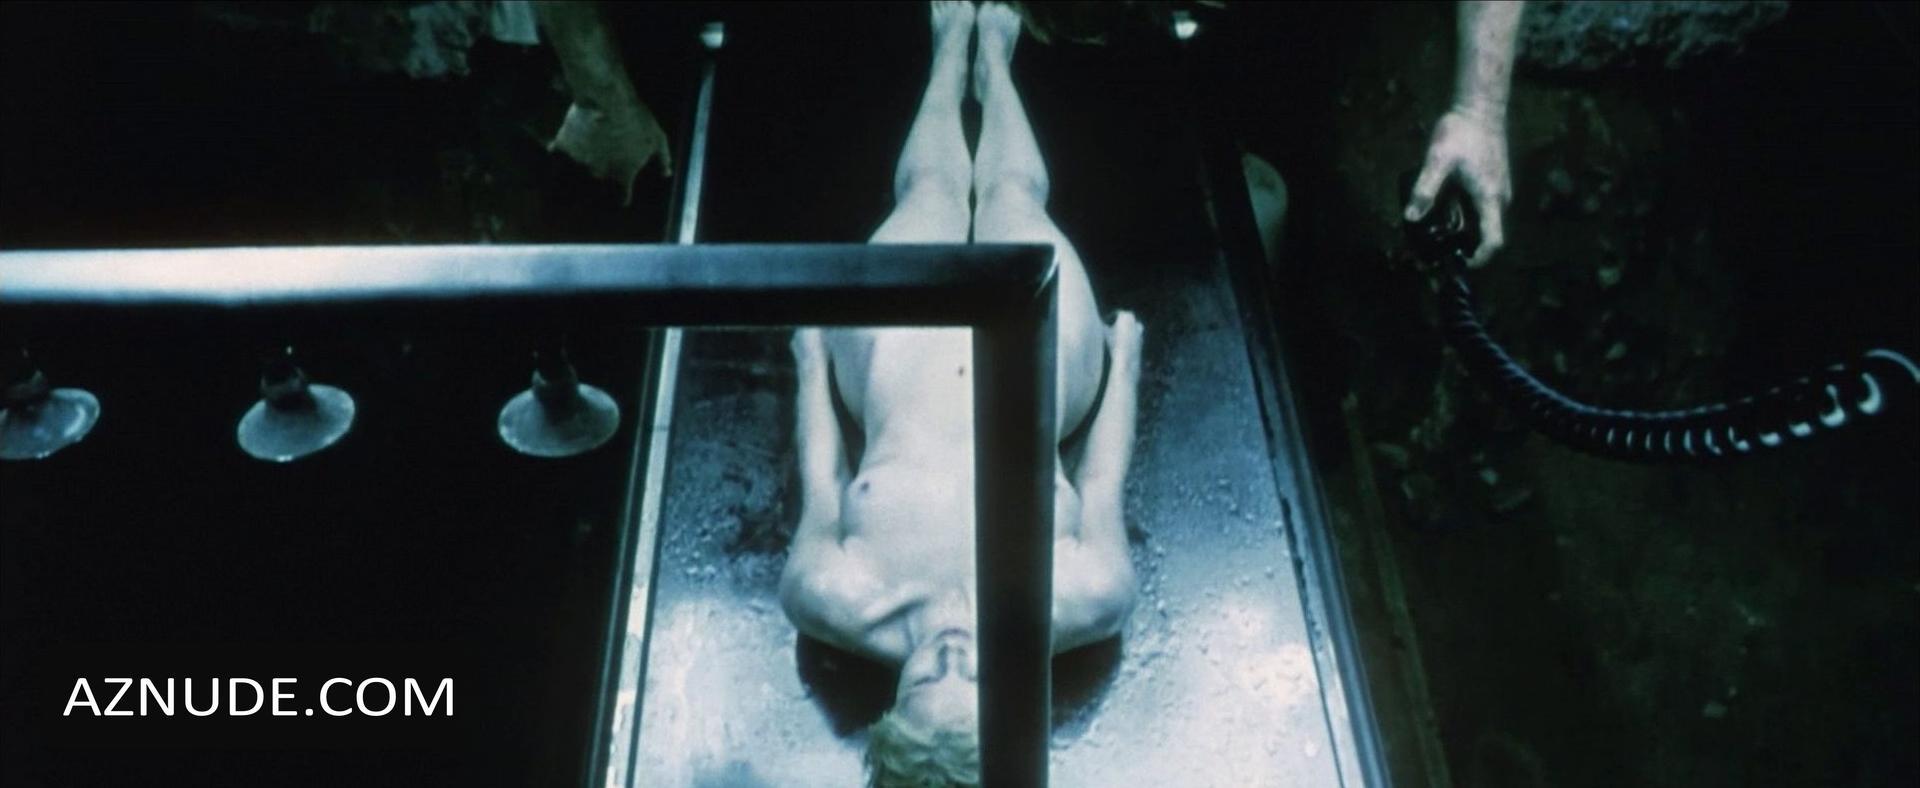 Katherine sutherland nude photos